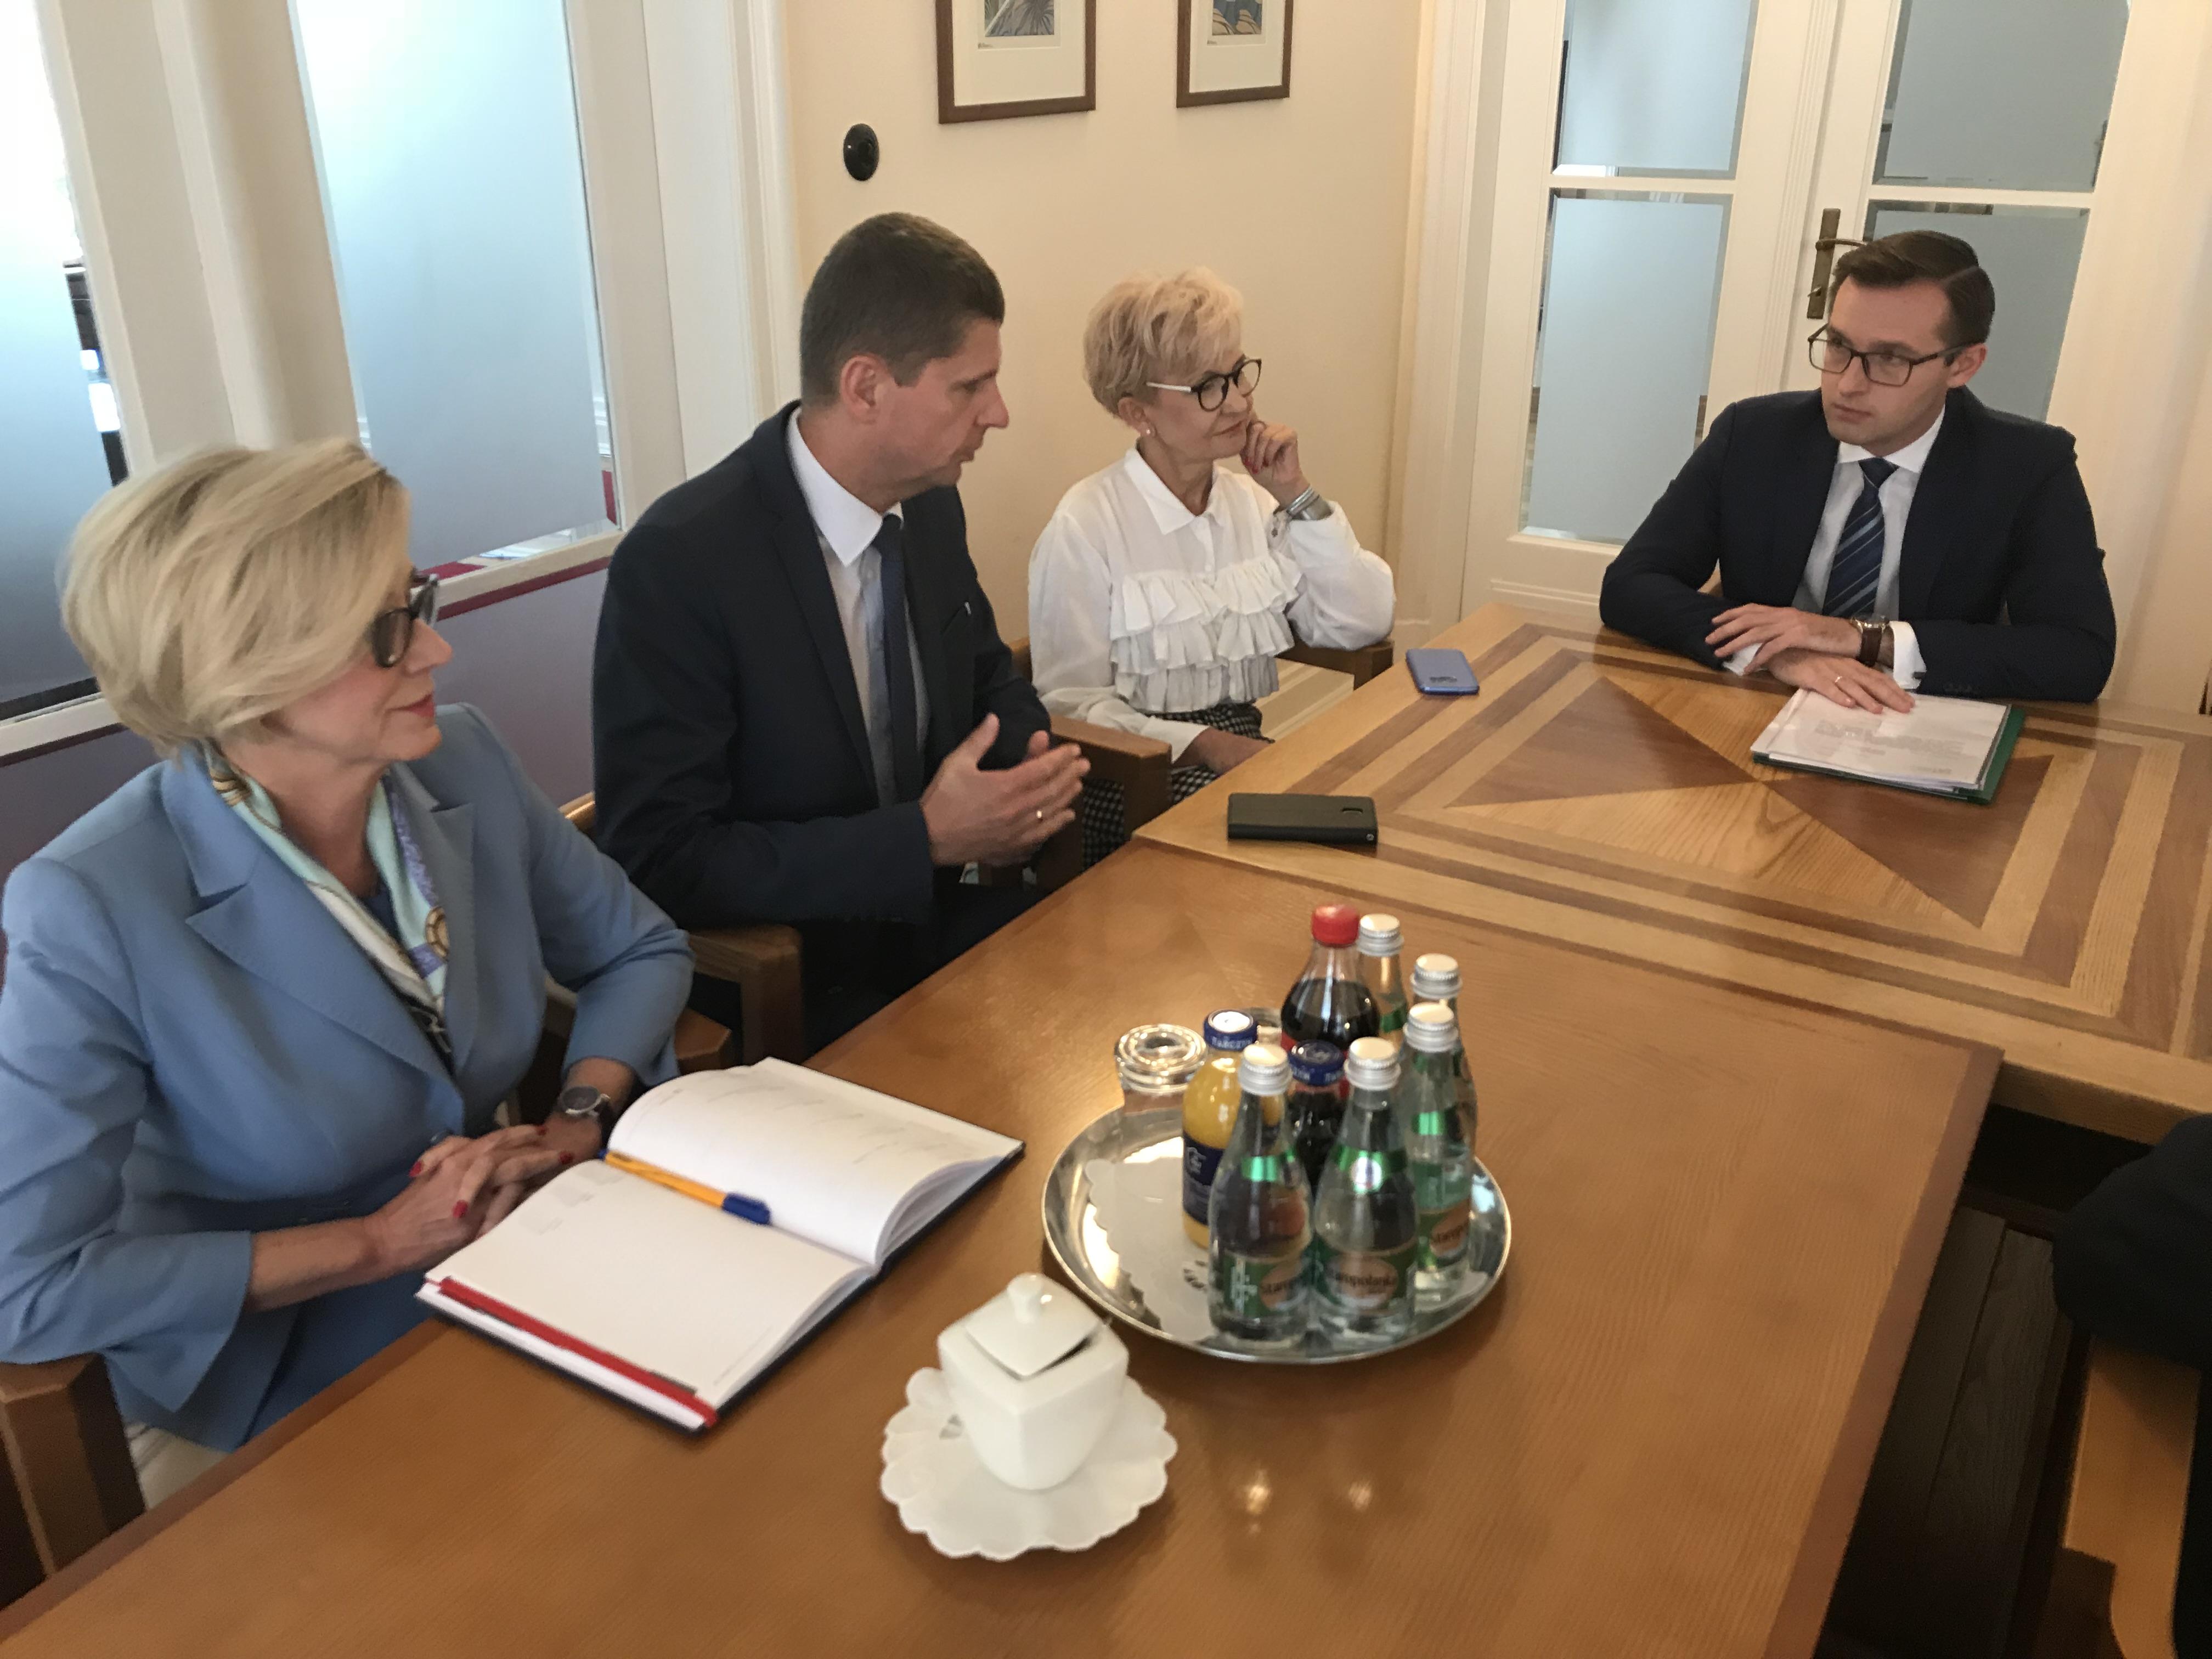 (fot. Ministerstwo Edukacji Narodowej/Urząd Miasta Ciechanów)